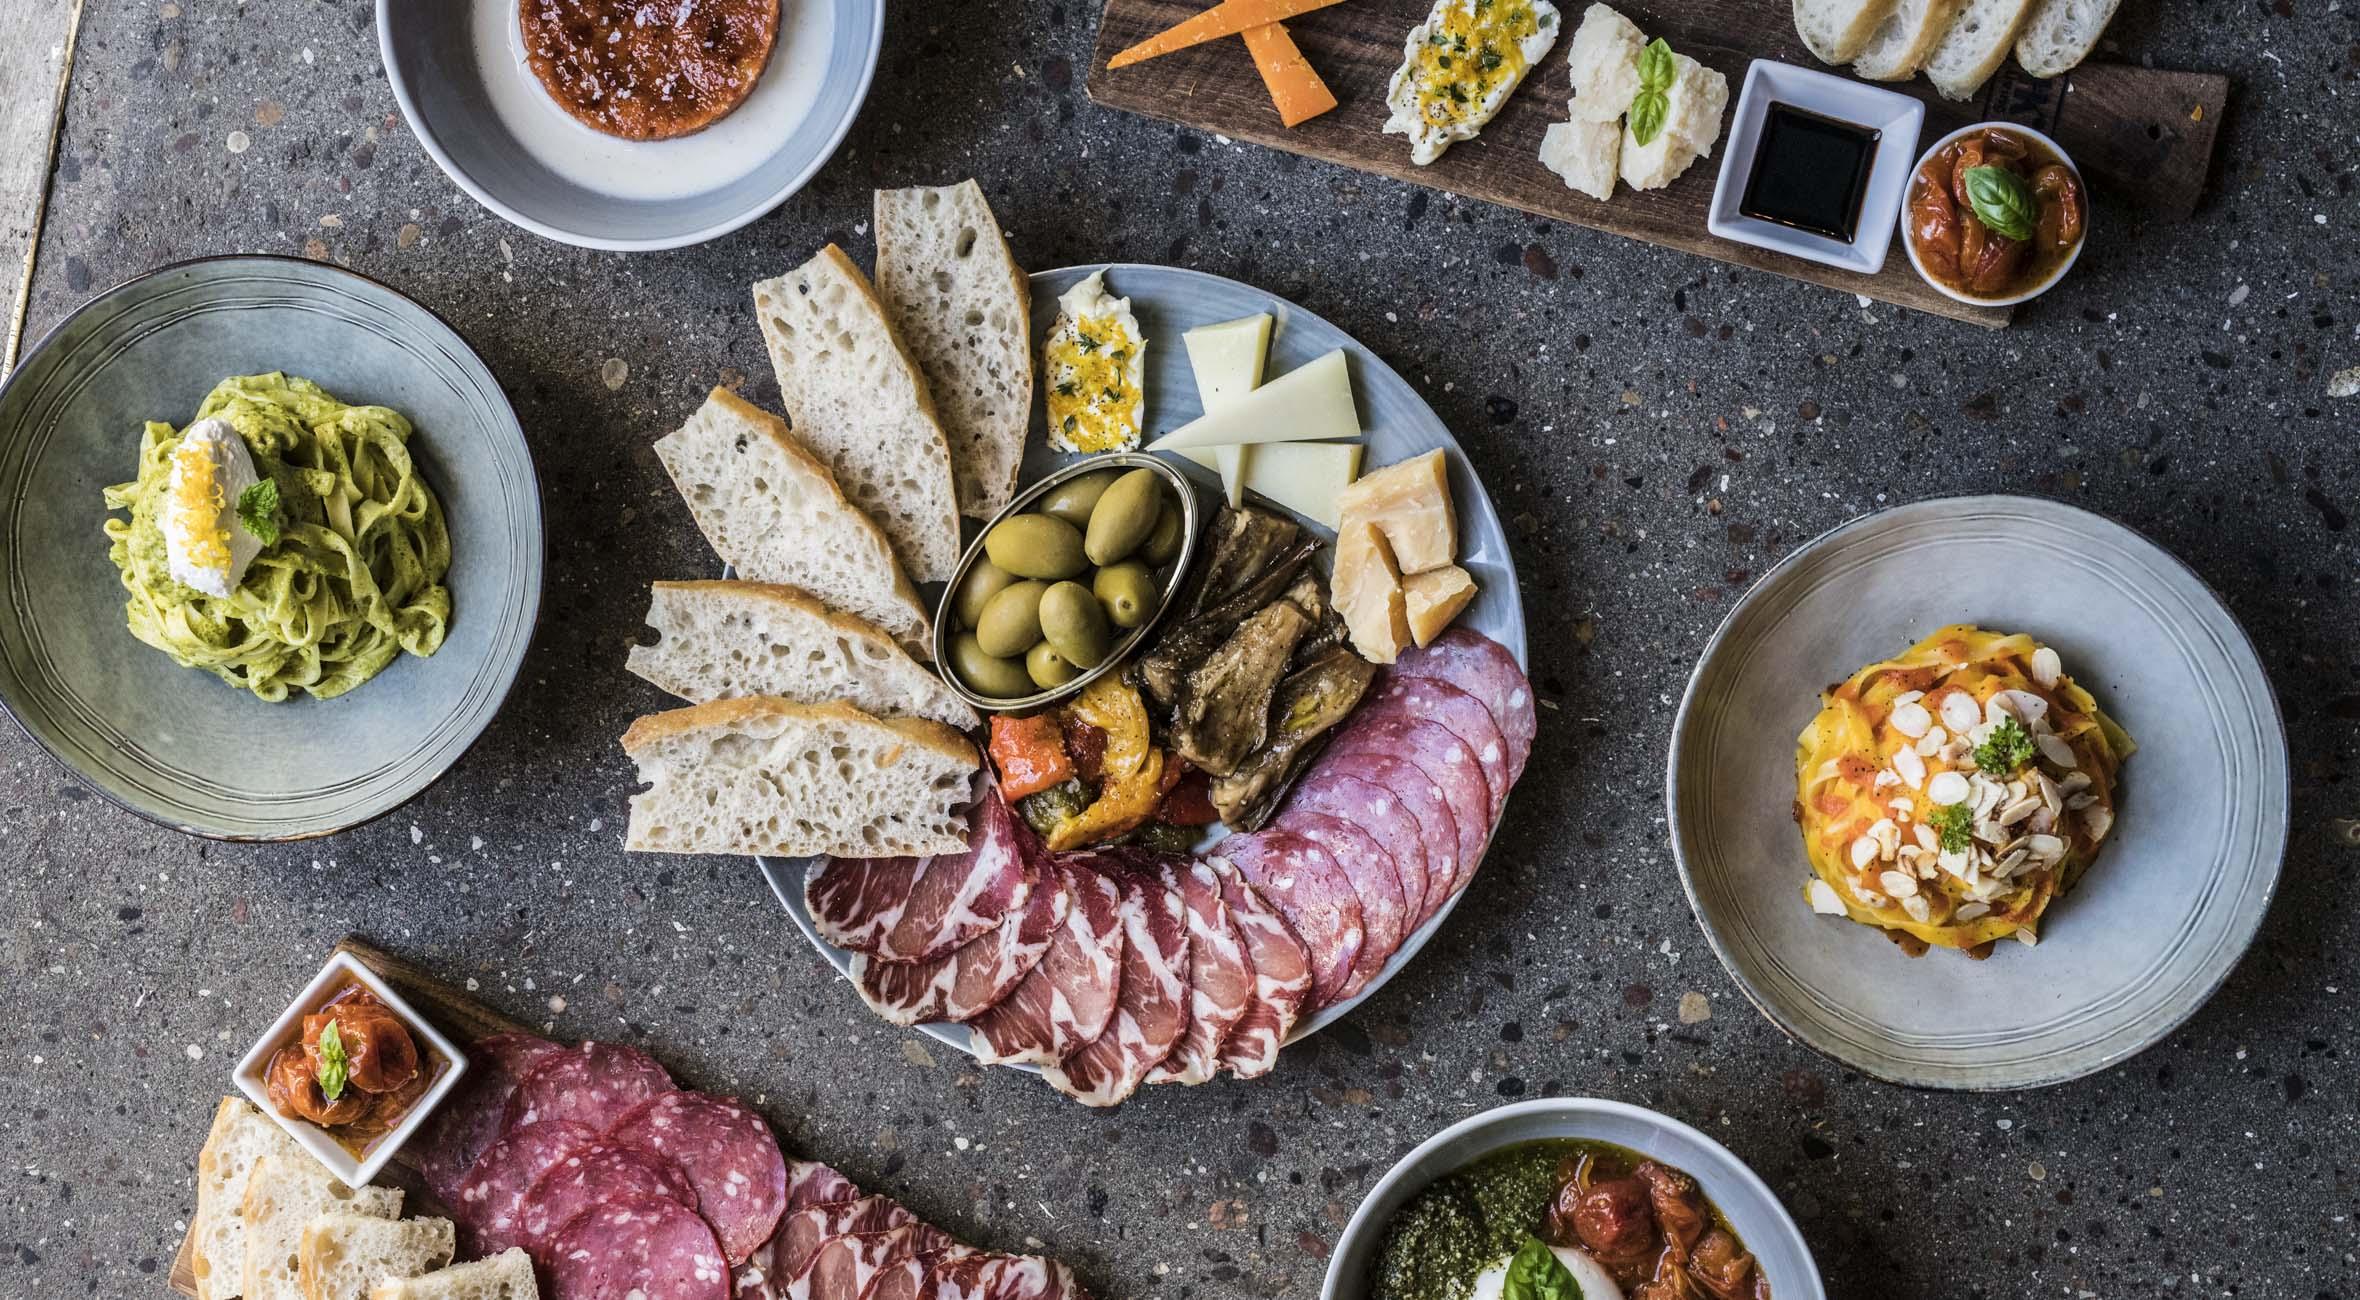 Frit valg til alt hos topanmeldte Beviamo på Østerbro – Italiensk vinbar & spiseri byder på alt, hvad hjertet kan begære